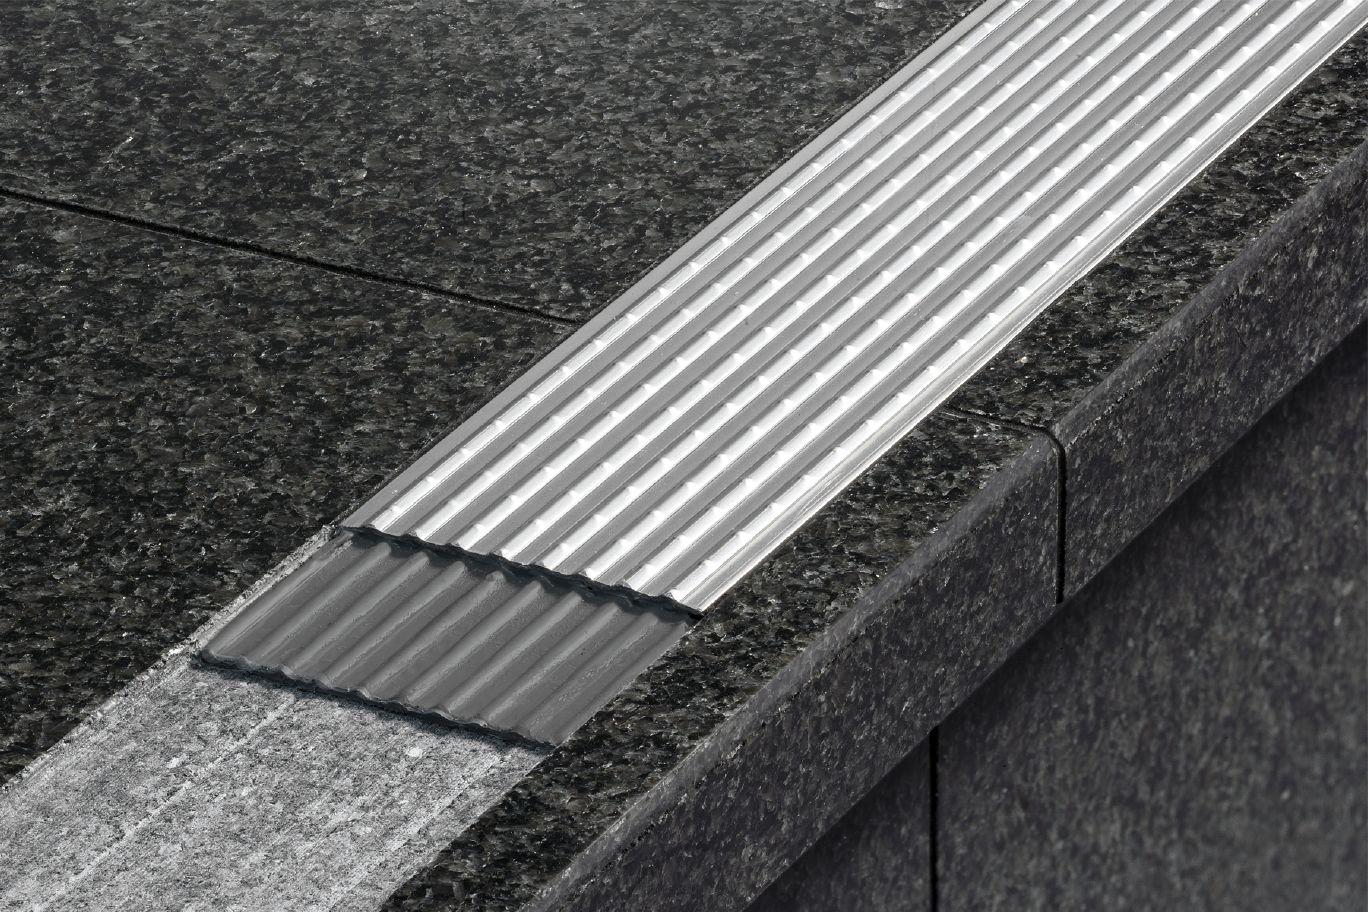 Schluter 174 Trep G Gk Slip Resistant Treads For Stairs